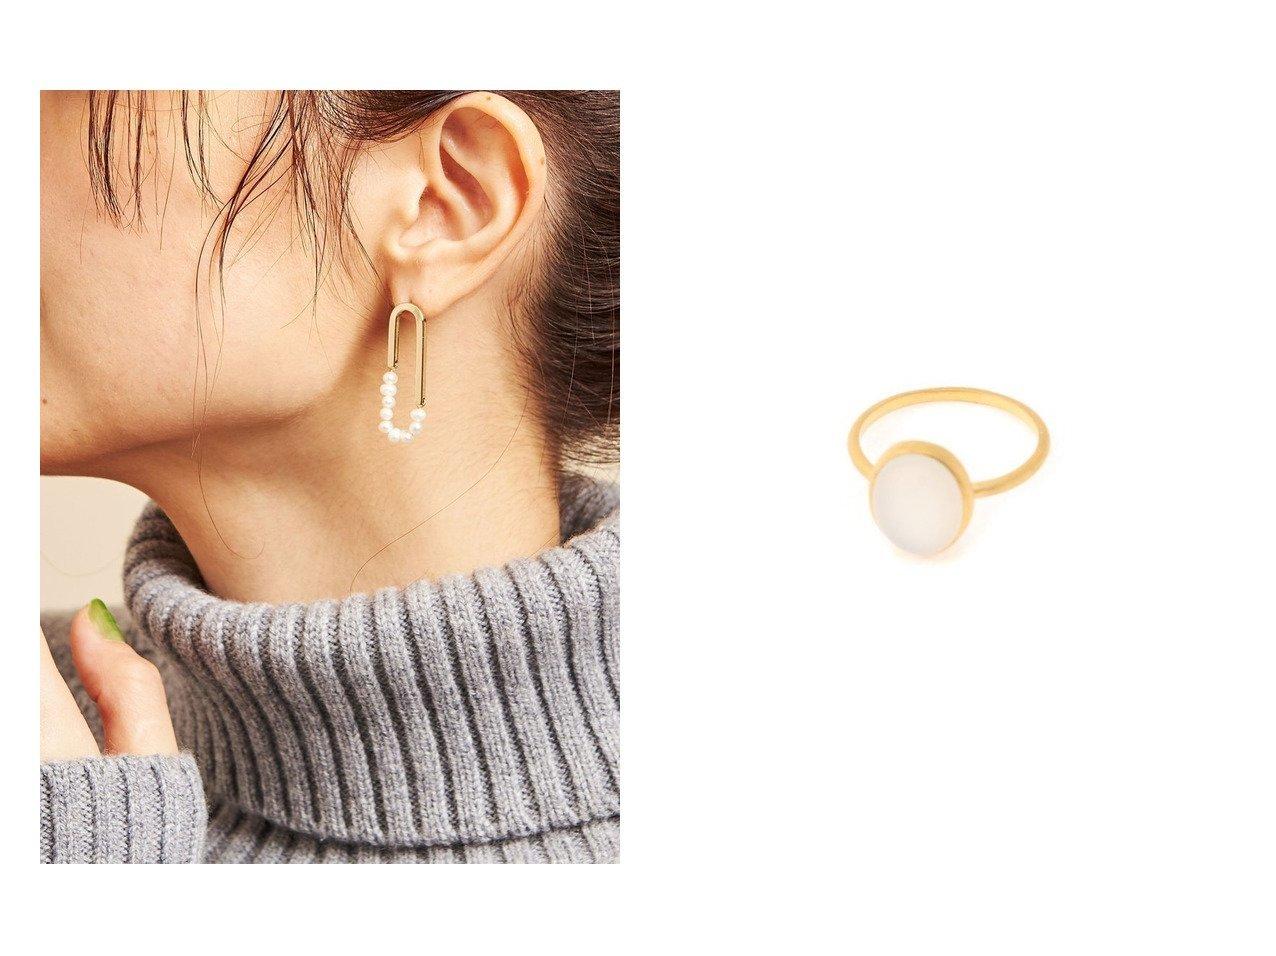 【BEAUTY&YOUTH UNITED ARROWS/ビューティアンド ユースユナイテッドアローズ】のBY 淡水ツブパール オーバルピアス&【SLOBE IENA/スローブ イエナ】のPondichery Natural stone ring おすすめ!人気、トレンド・レディースファッションの通販  おすすめで人気の流行・トレンド、ファッションの通販商品 メンズファッション・キッズファッション・インテリア・家具・レディースファッション・服の通販 founy(ファニー) https://founy.com/ ファッション Fashion レディースファッション WOMEN アクセサリー オーバル パール 2020年 2020 2020 春夏 S/S SS Spring/Summer 2020 S/S 春夏 SS Spring/Summer インド ワンポイント |ID:crp329100000014403